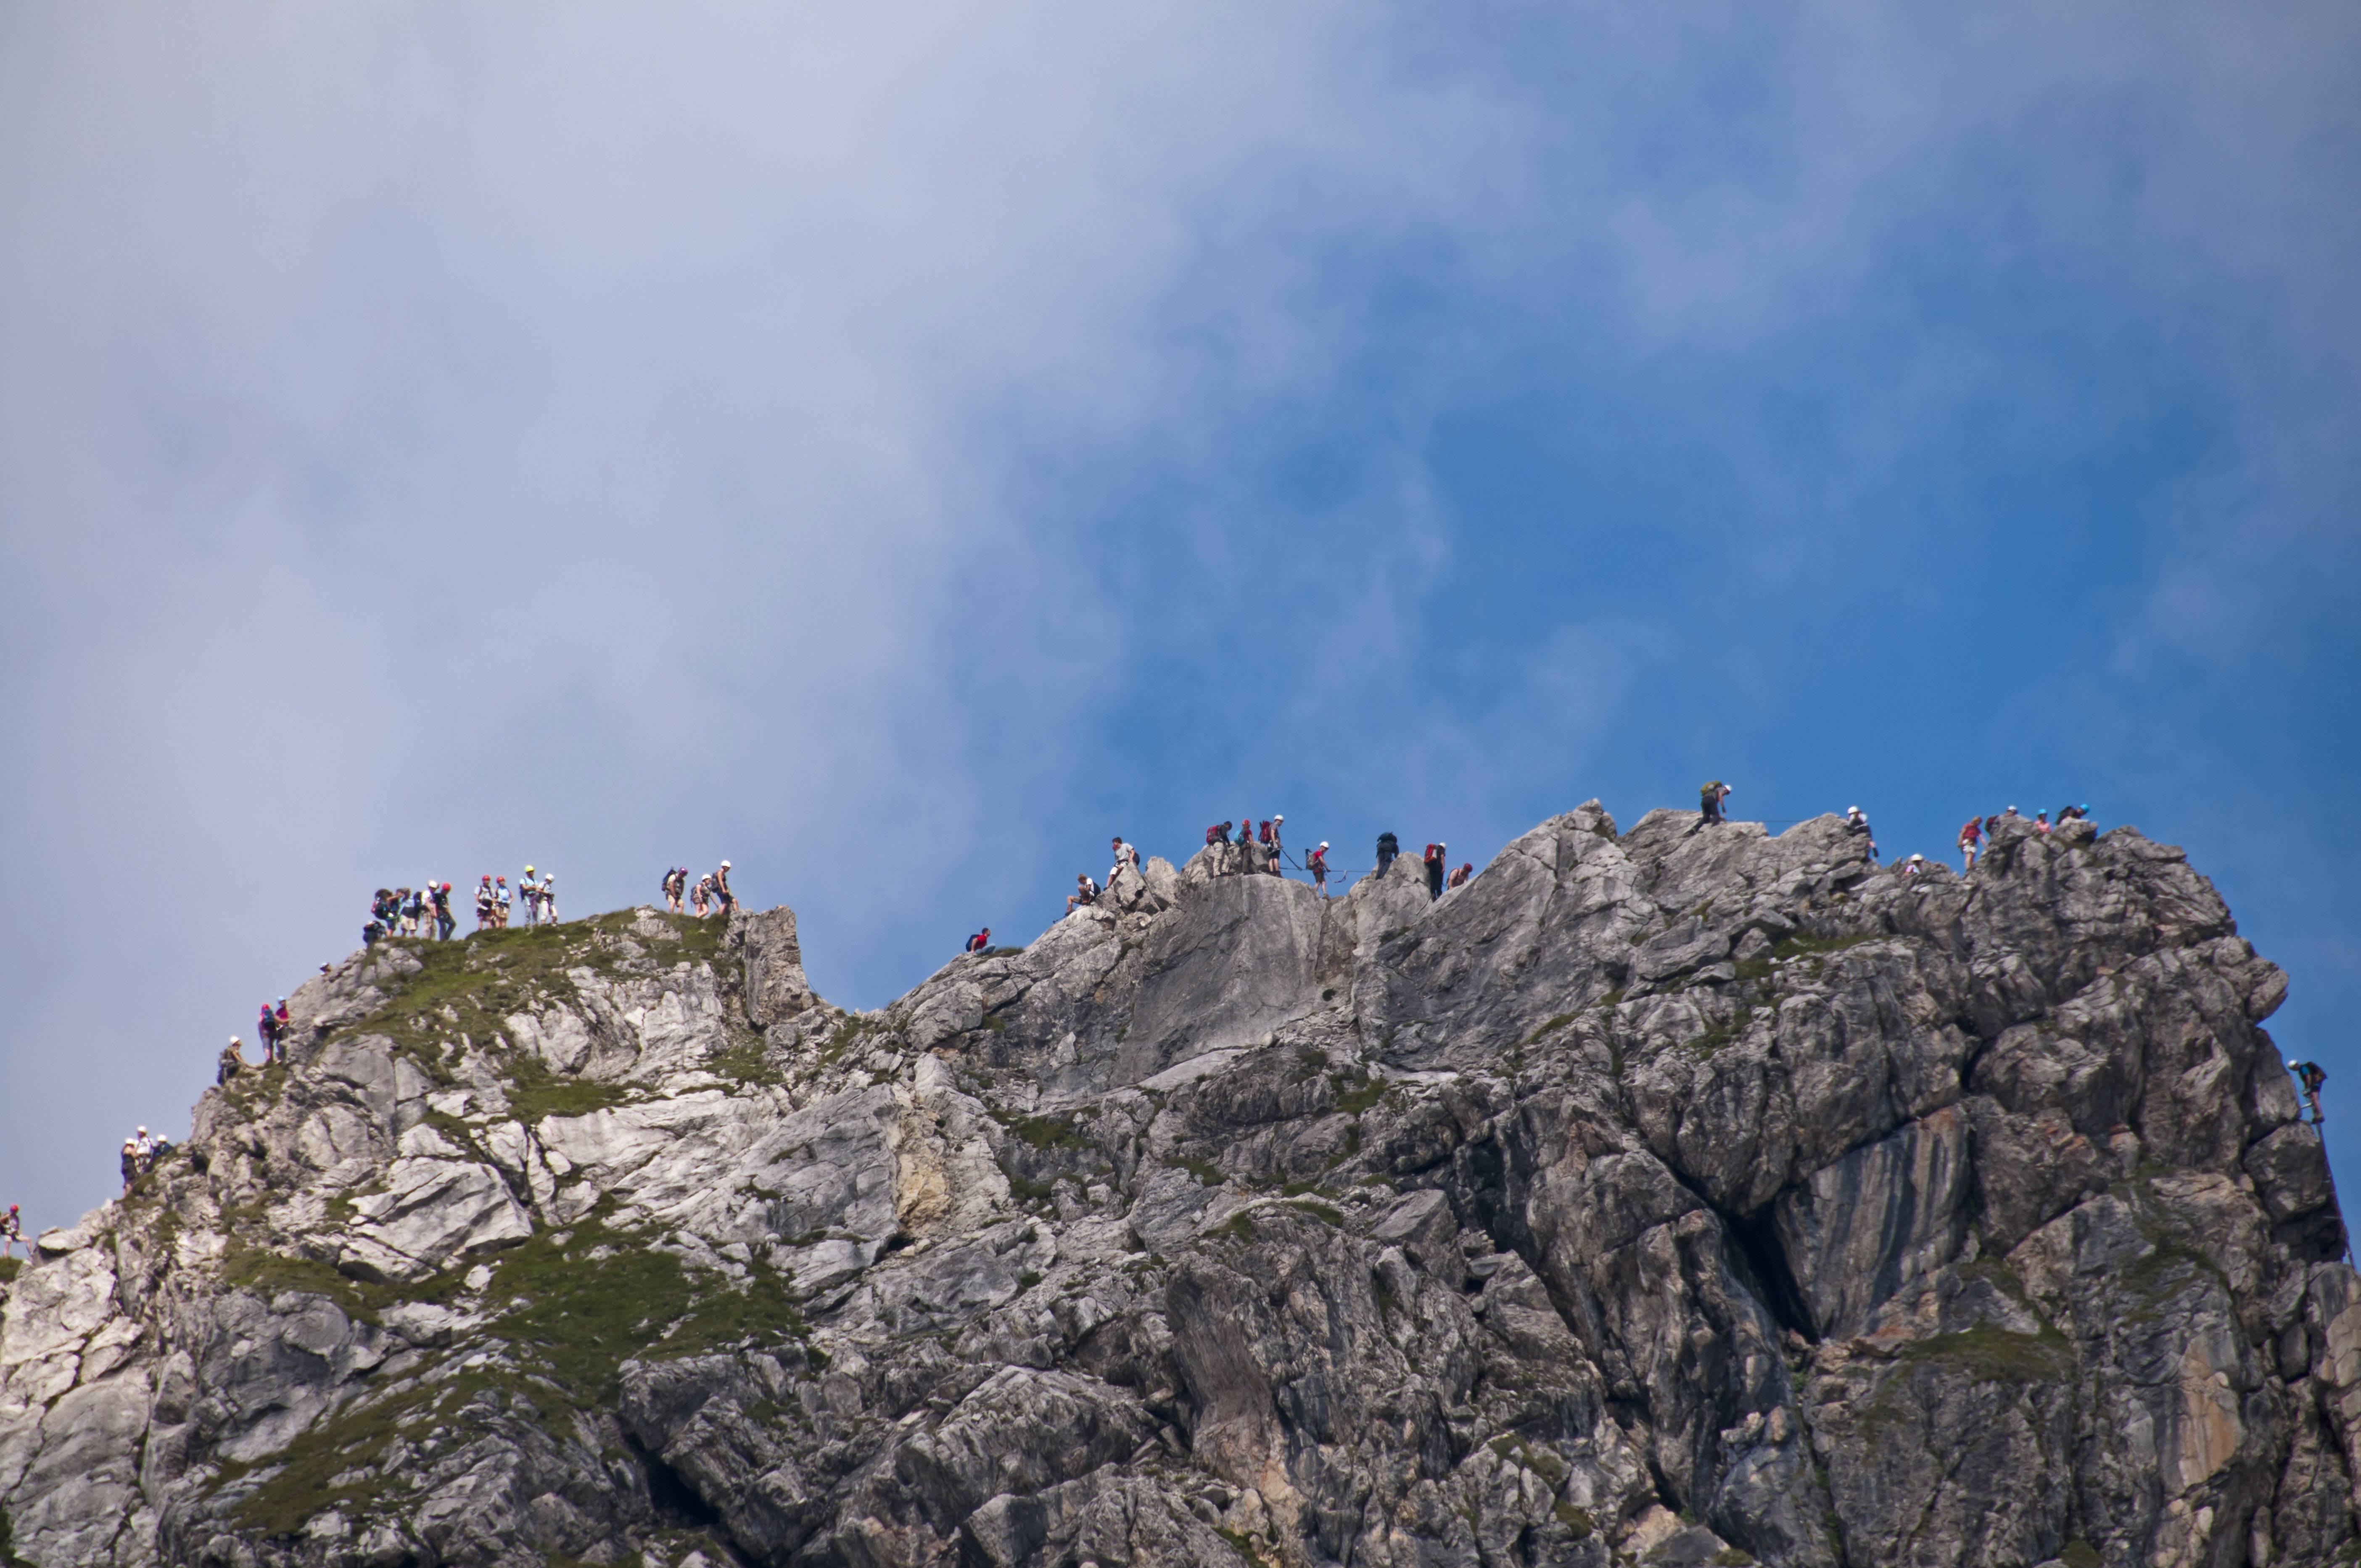 Ettaler Mandl Klettersteig Unfall : Tödlicher unfall am hindelanger klettersteig